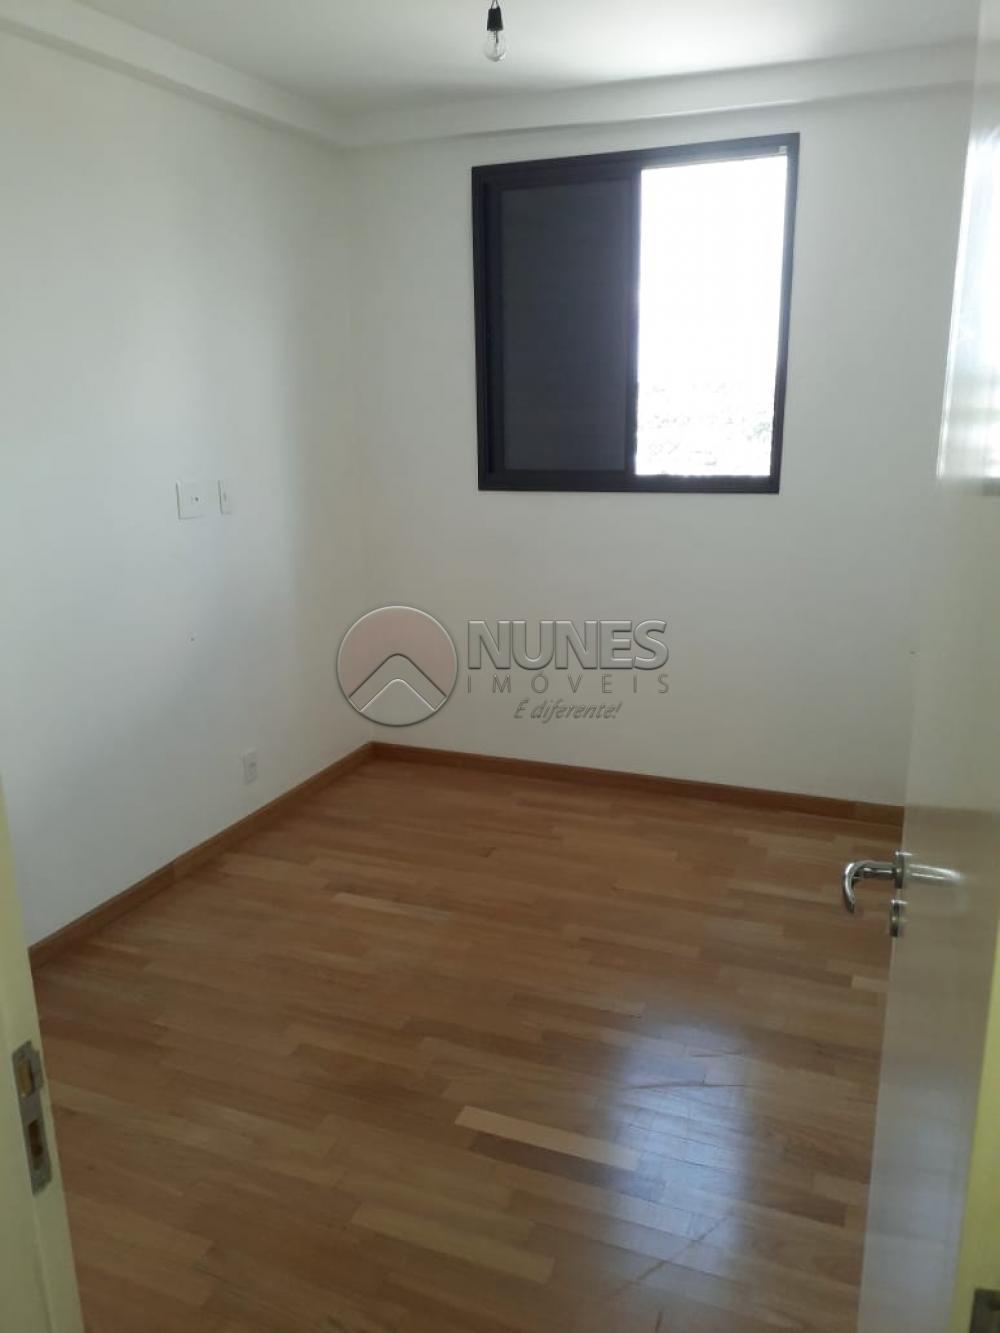 Comprar Apartamento / Padrão em Osasco apenas R$ 520.000,00 - Foto 12